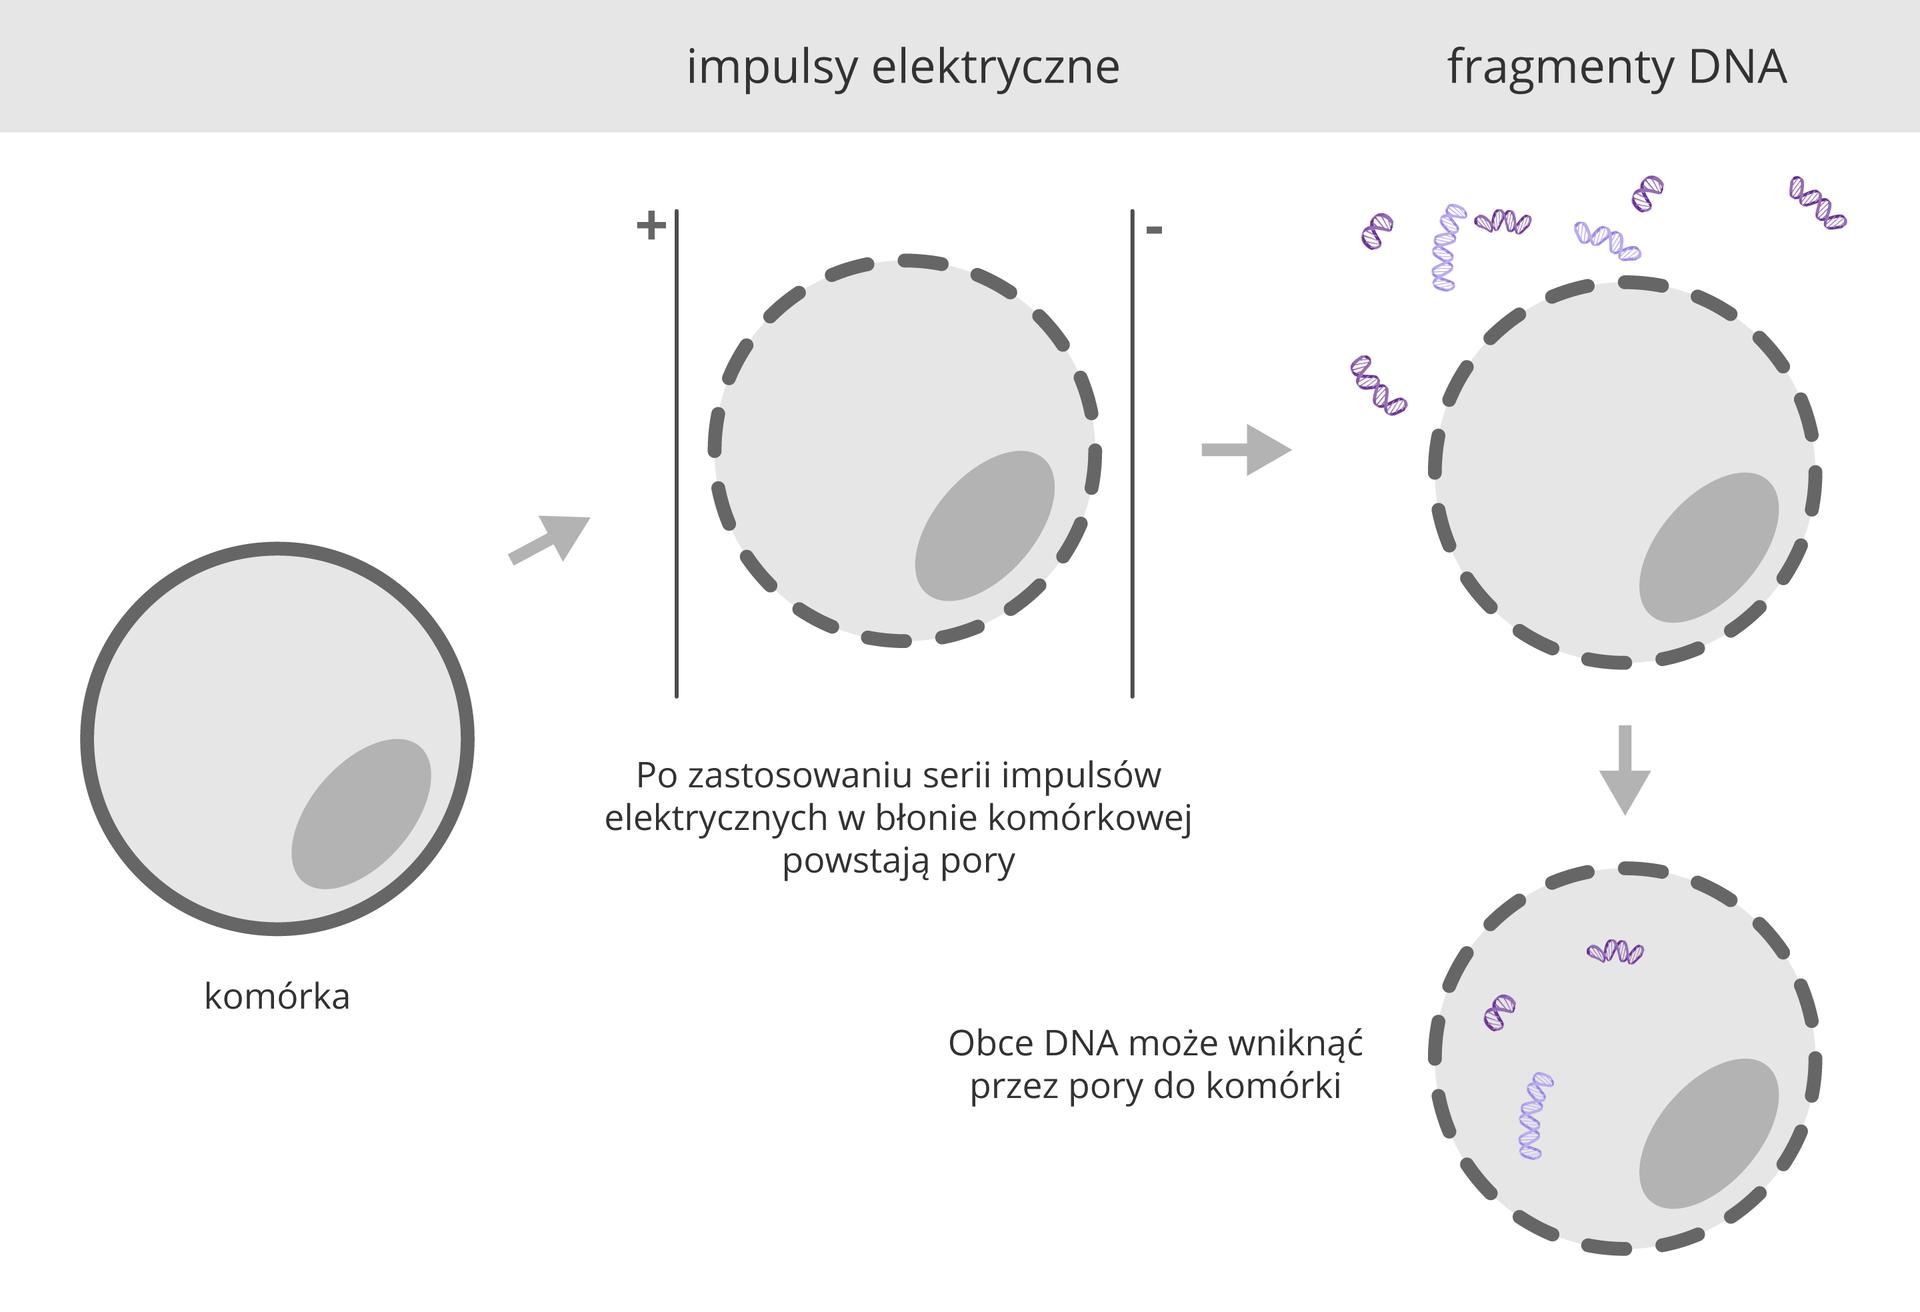 Ilustracja przestawia cztery schematyczne komórki wformie szarego koła zciemniejszym jądrem. Błona komórkowa też jest ciemno szara. Pierwsza komórka ma całą błonę komórkową. Strzałka wskazuje umieszczenie komórki między dwoma liniami – elektrodami. Impulsy elektryczne spowodowały przerwanie błony komórkowej wwielu miejscach. Kolejny rysunek za strzałką przedstawia komórkę zporami wbłonie wotoczeniu kolorowych nici DNA. Ostatni rysunek przedstawia komórkę, do wnętrza której przez pory wbłonie wniknęło obce DNA.i